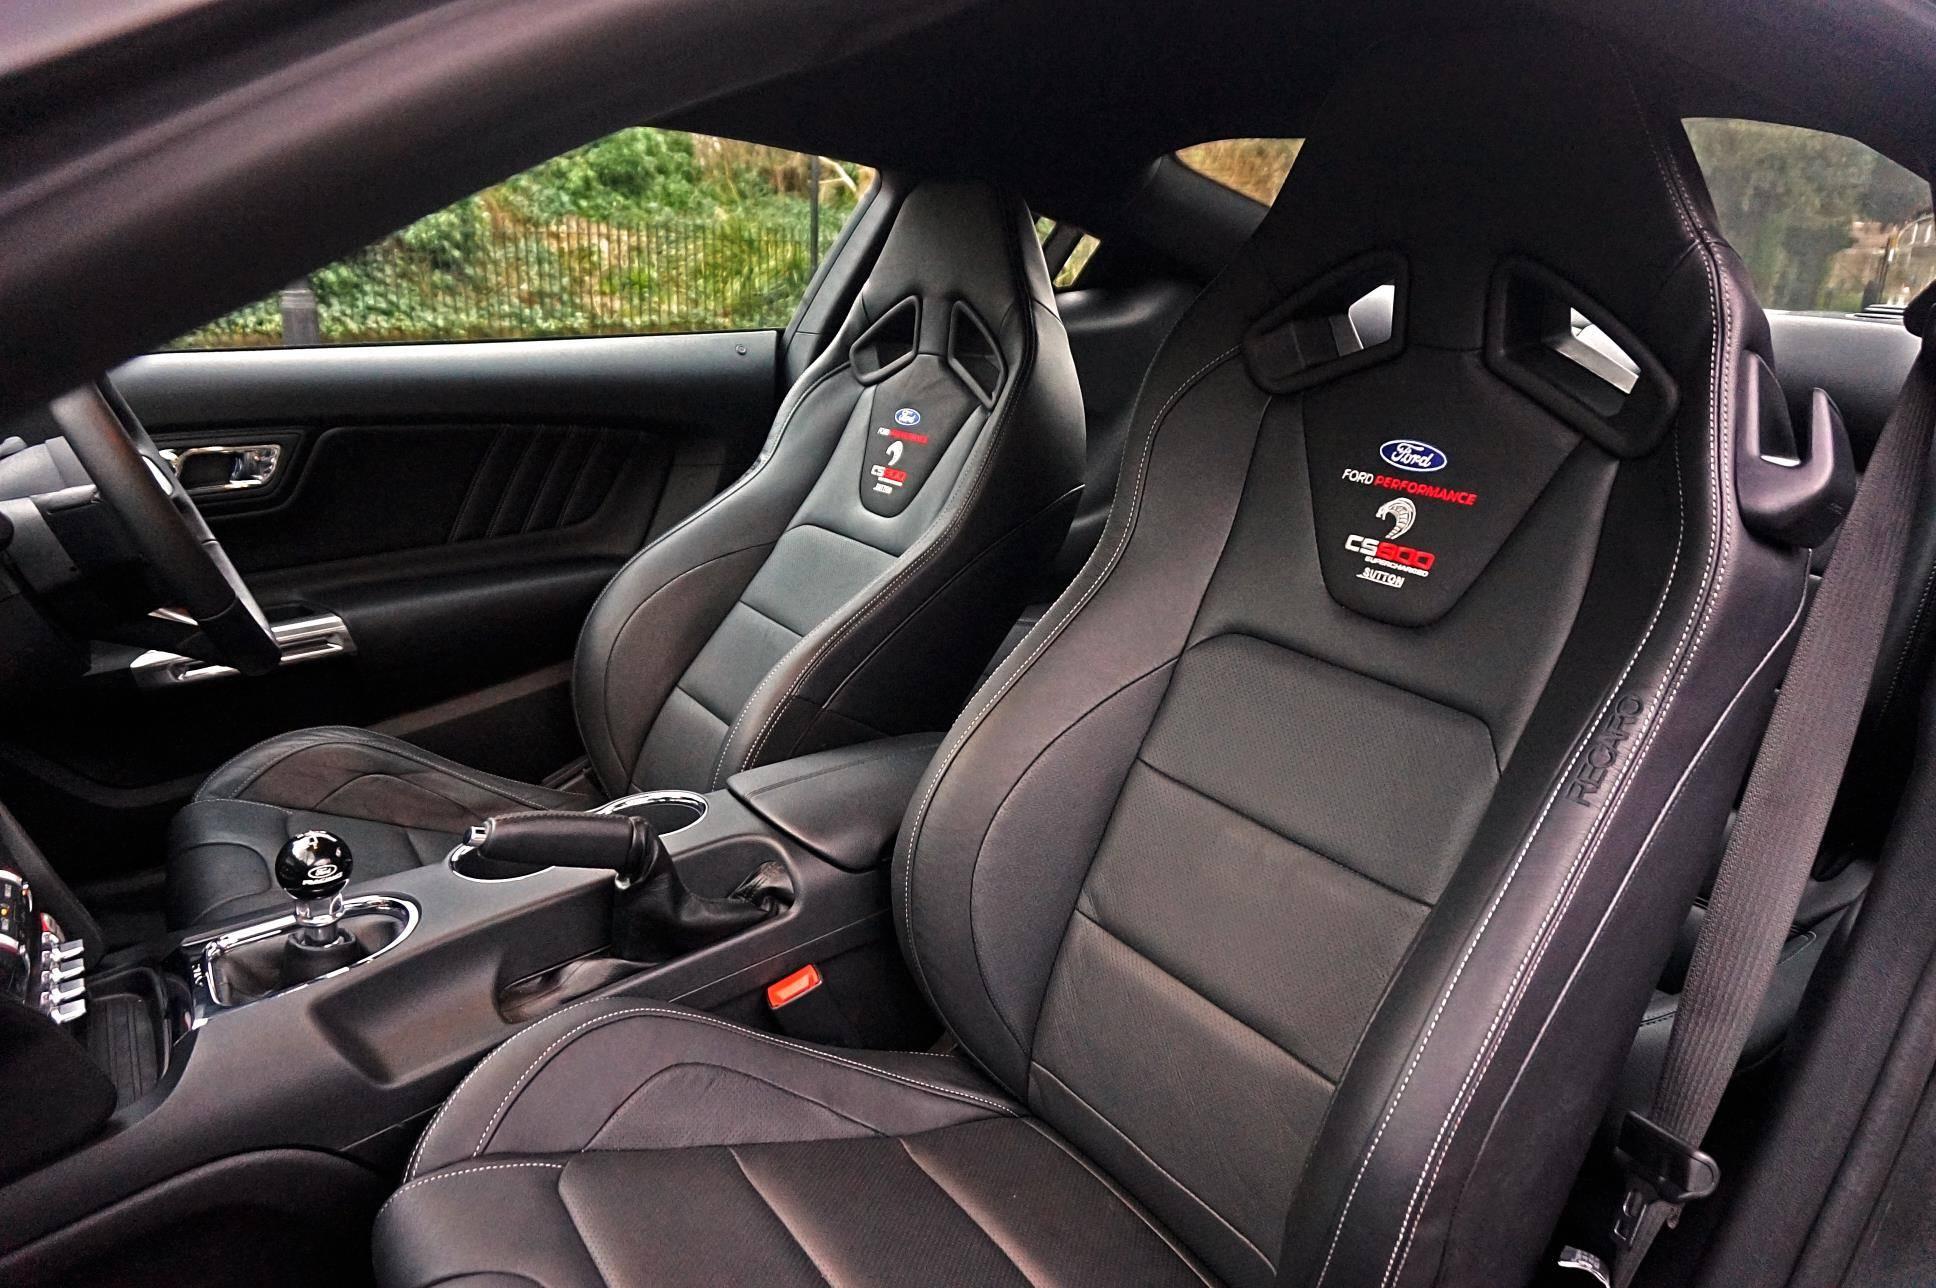 Интерьер Sutton CS800 получил новые сиденья Ford Performance Recaro.